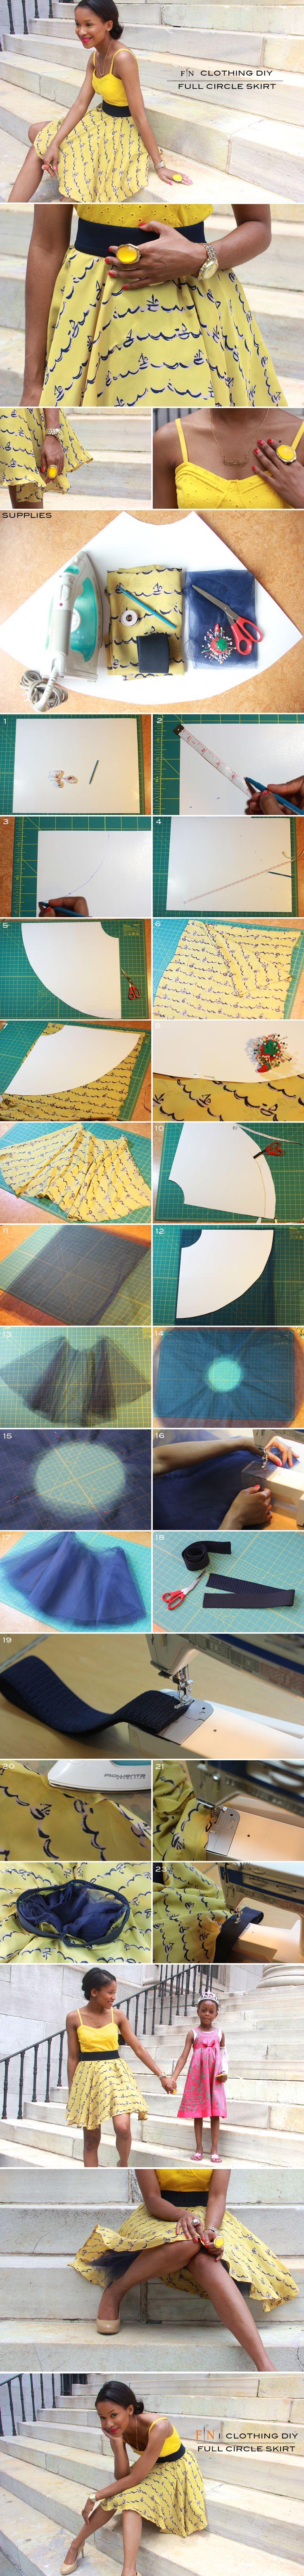 FRUGAL-NOMICS.COM DIY: Full Circle Skirt #tulle #diy #sailboat